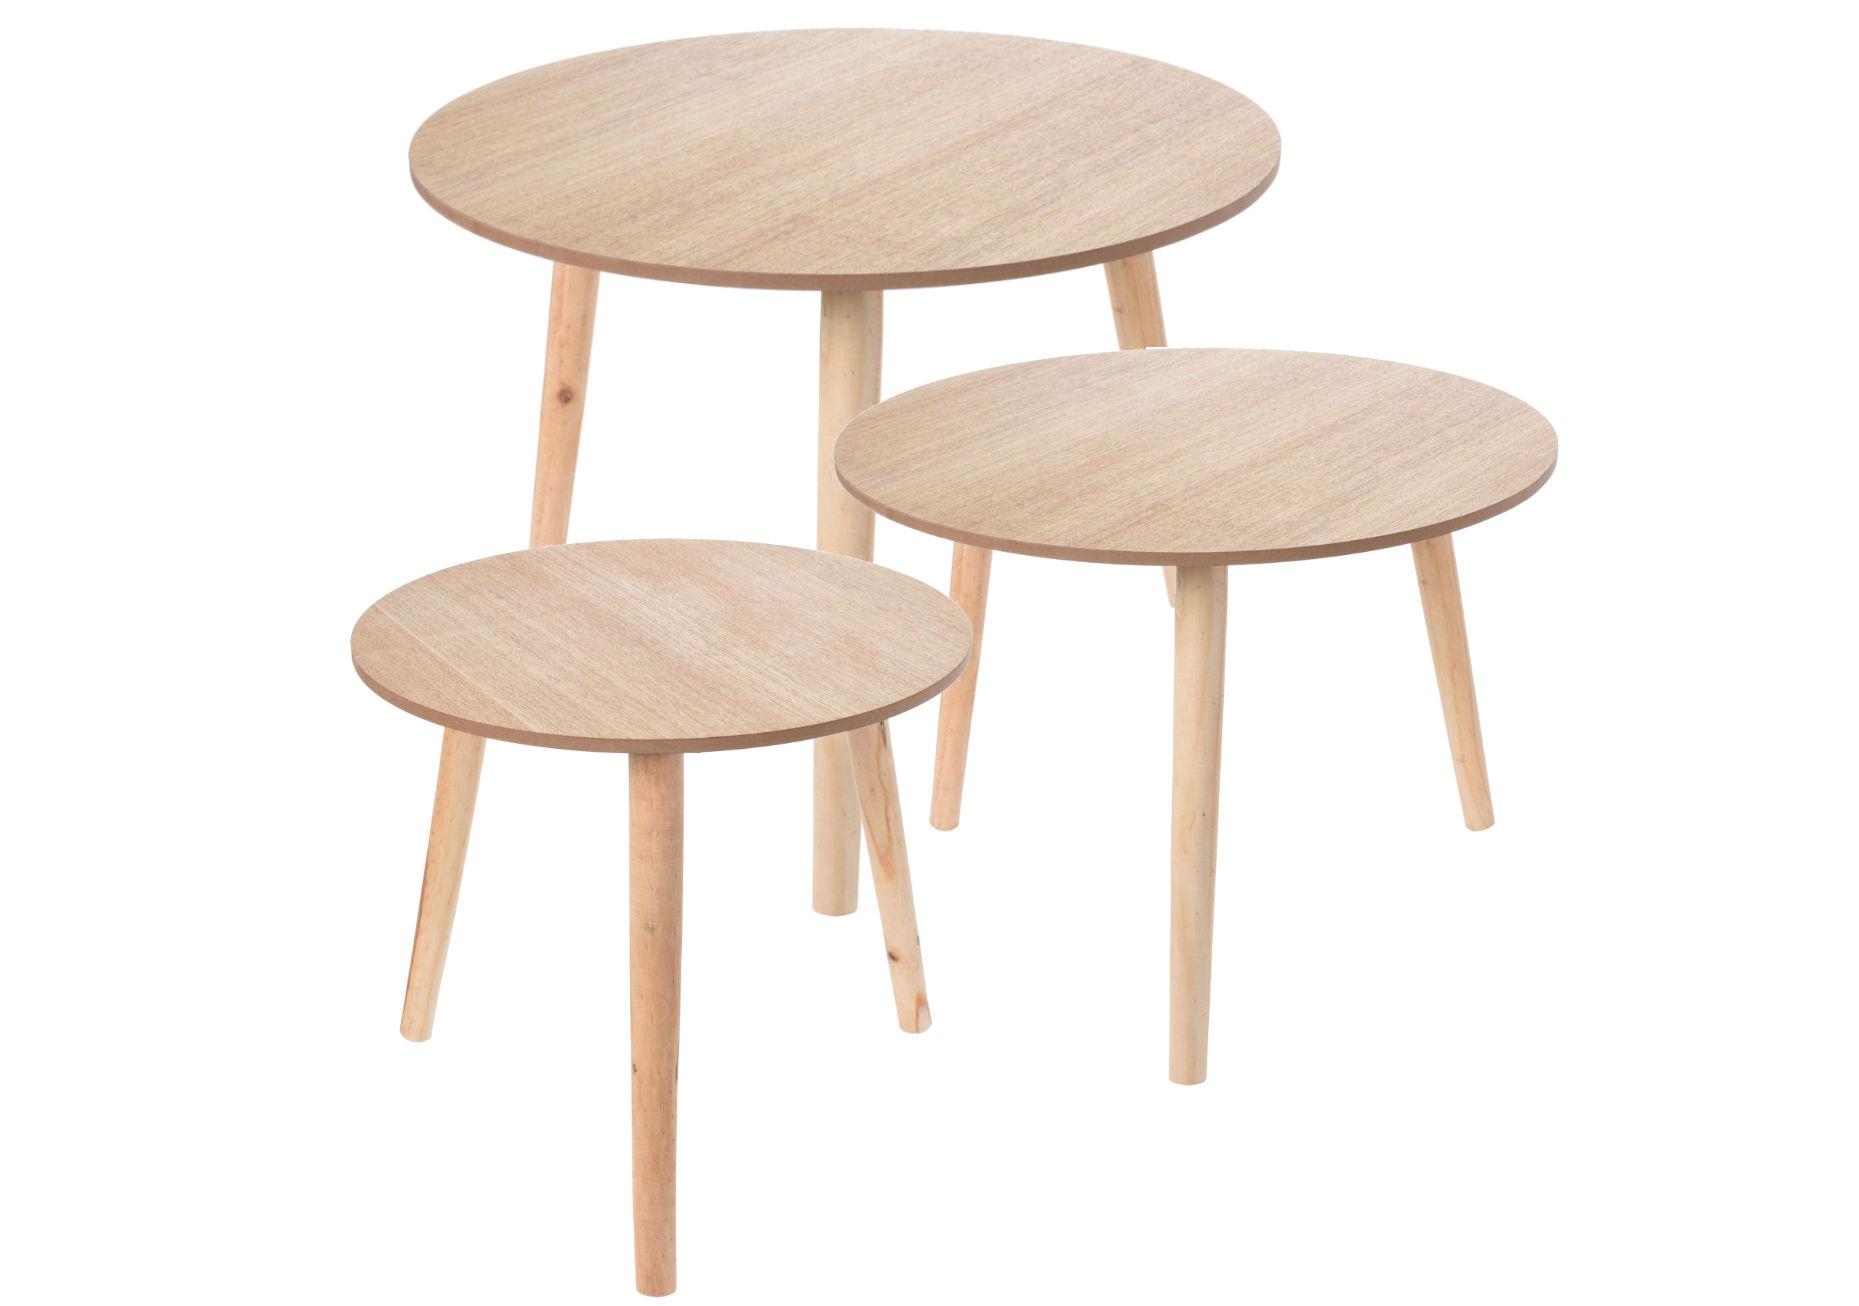 Design beistelltisch holz tisch rund 60 cm couchtisch for Design tisch ebay